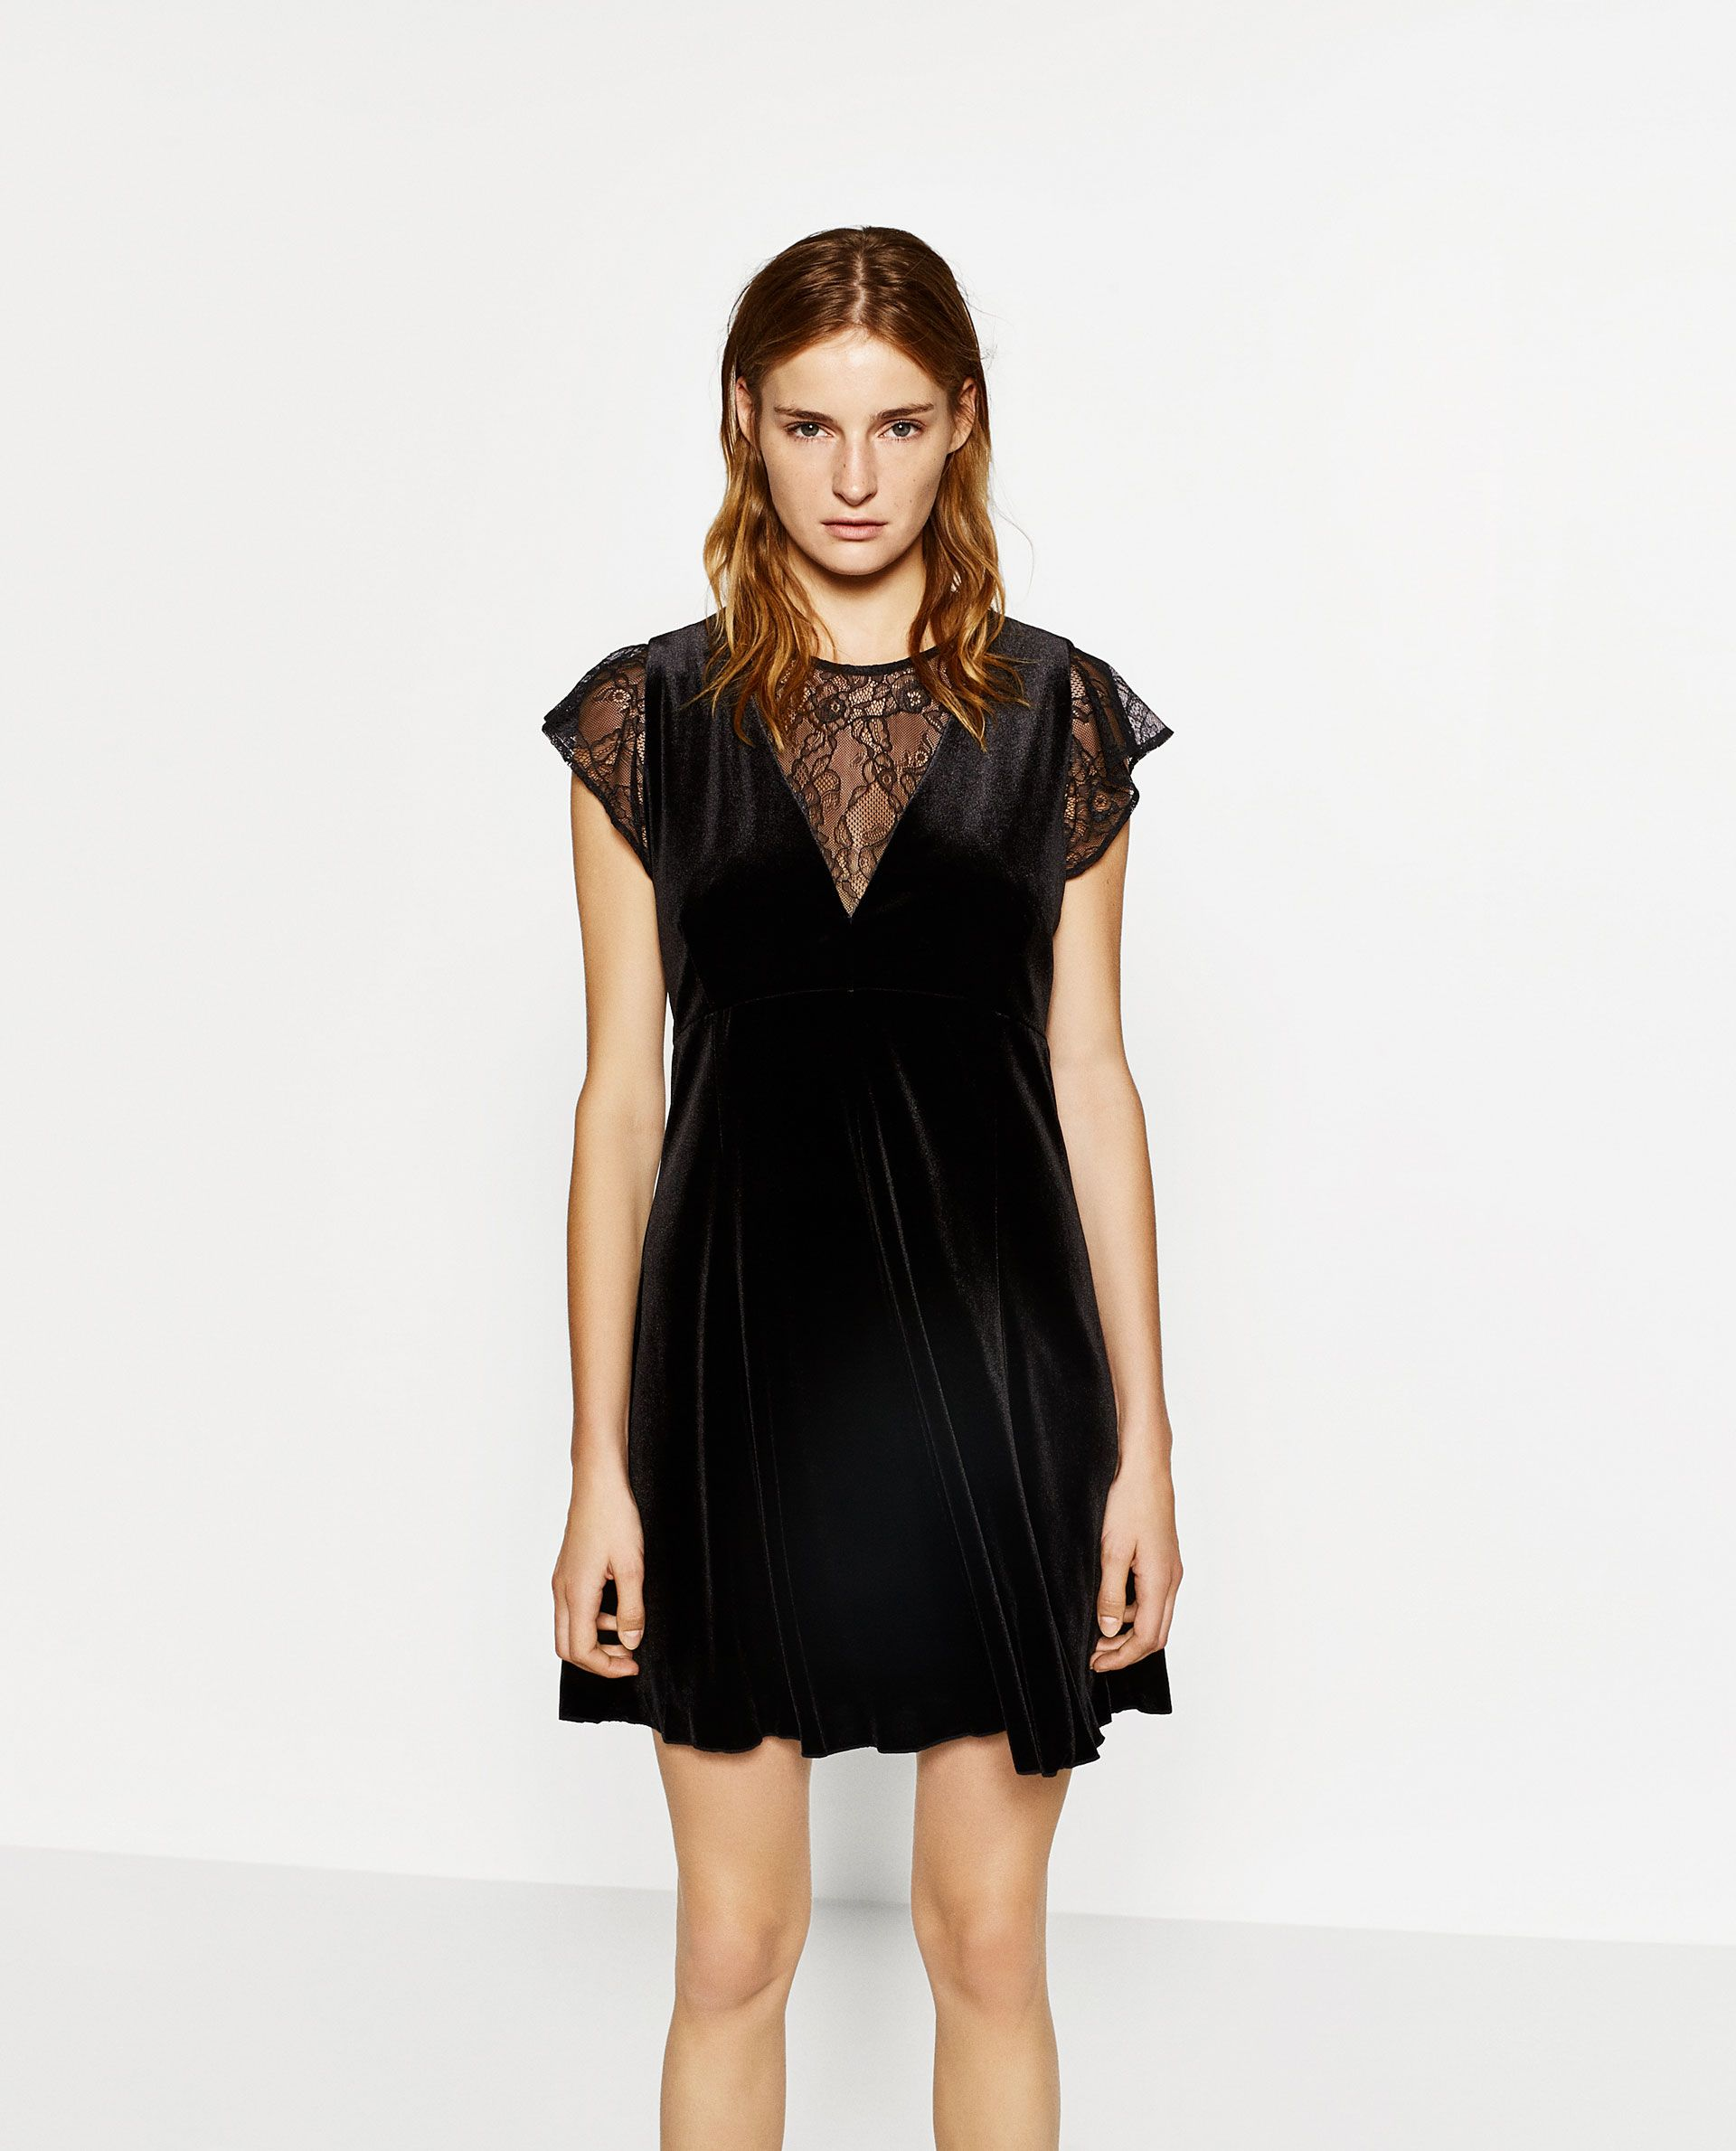 ZARA - WOMAN - VELVET DRESS  Das kleine schwarze, Kleines